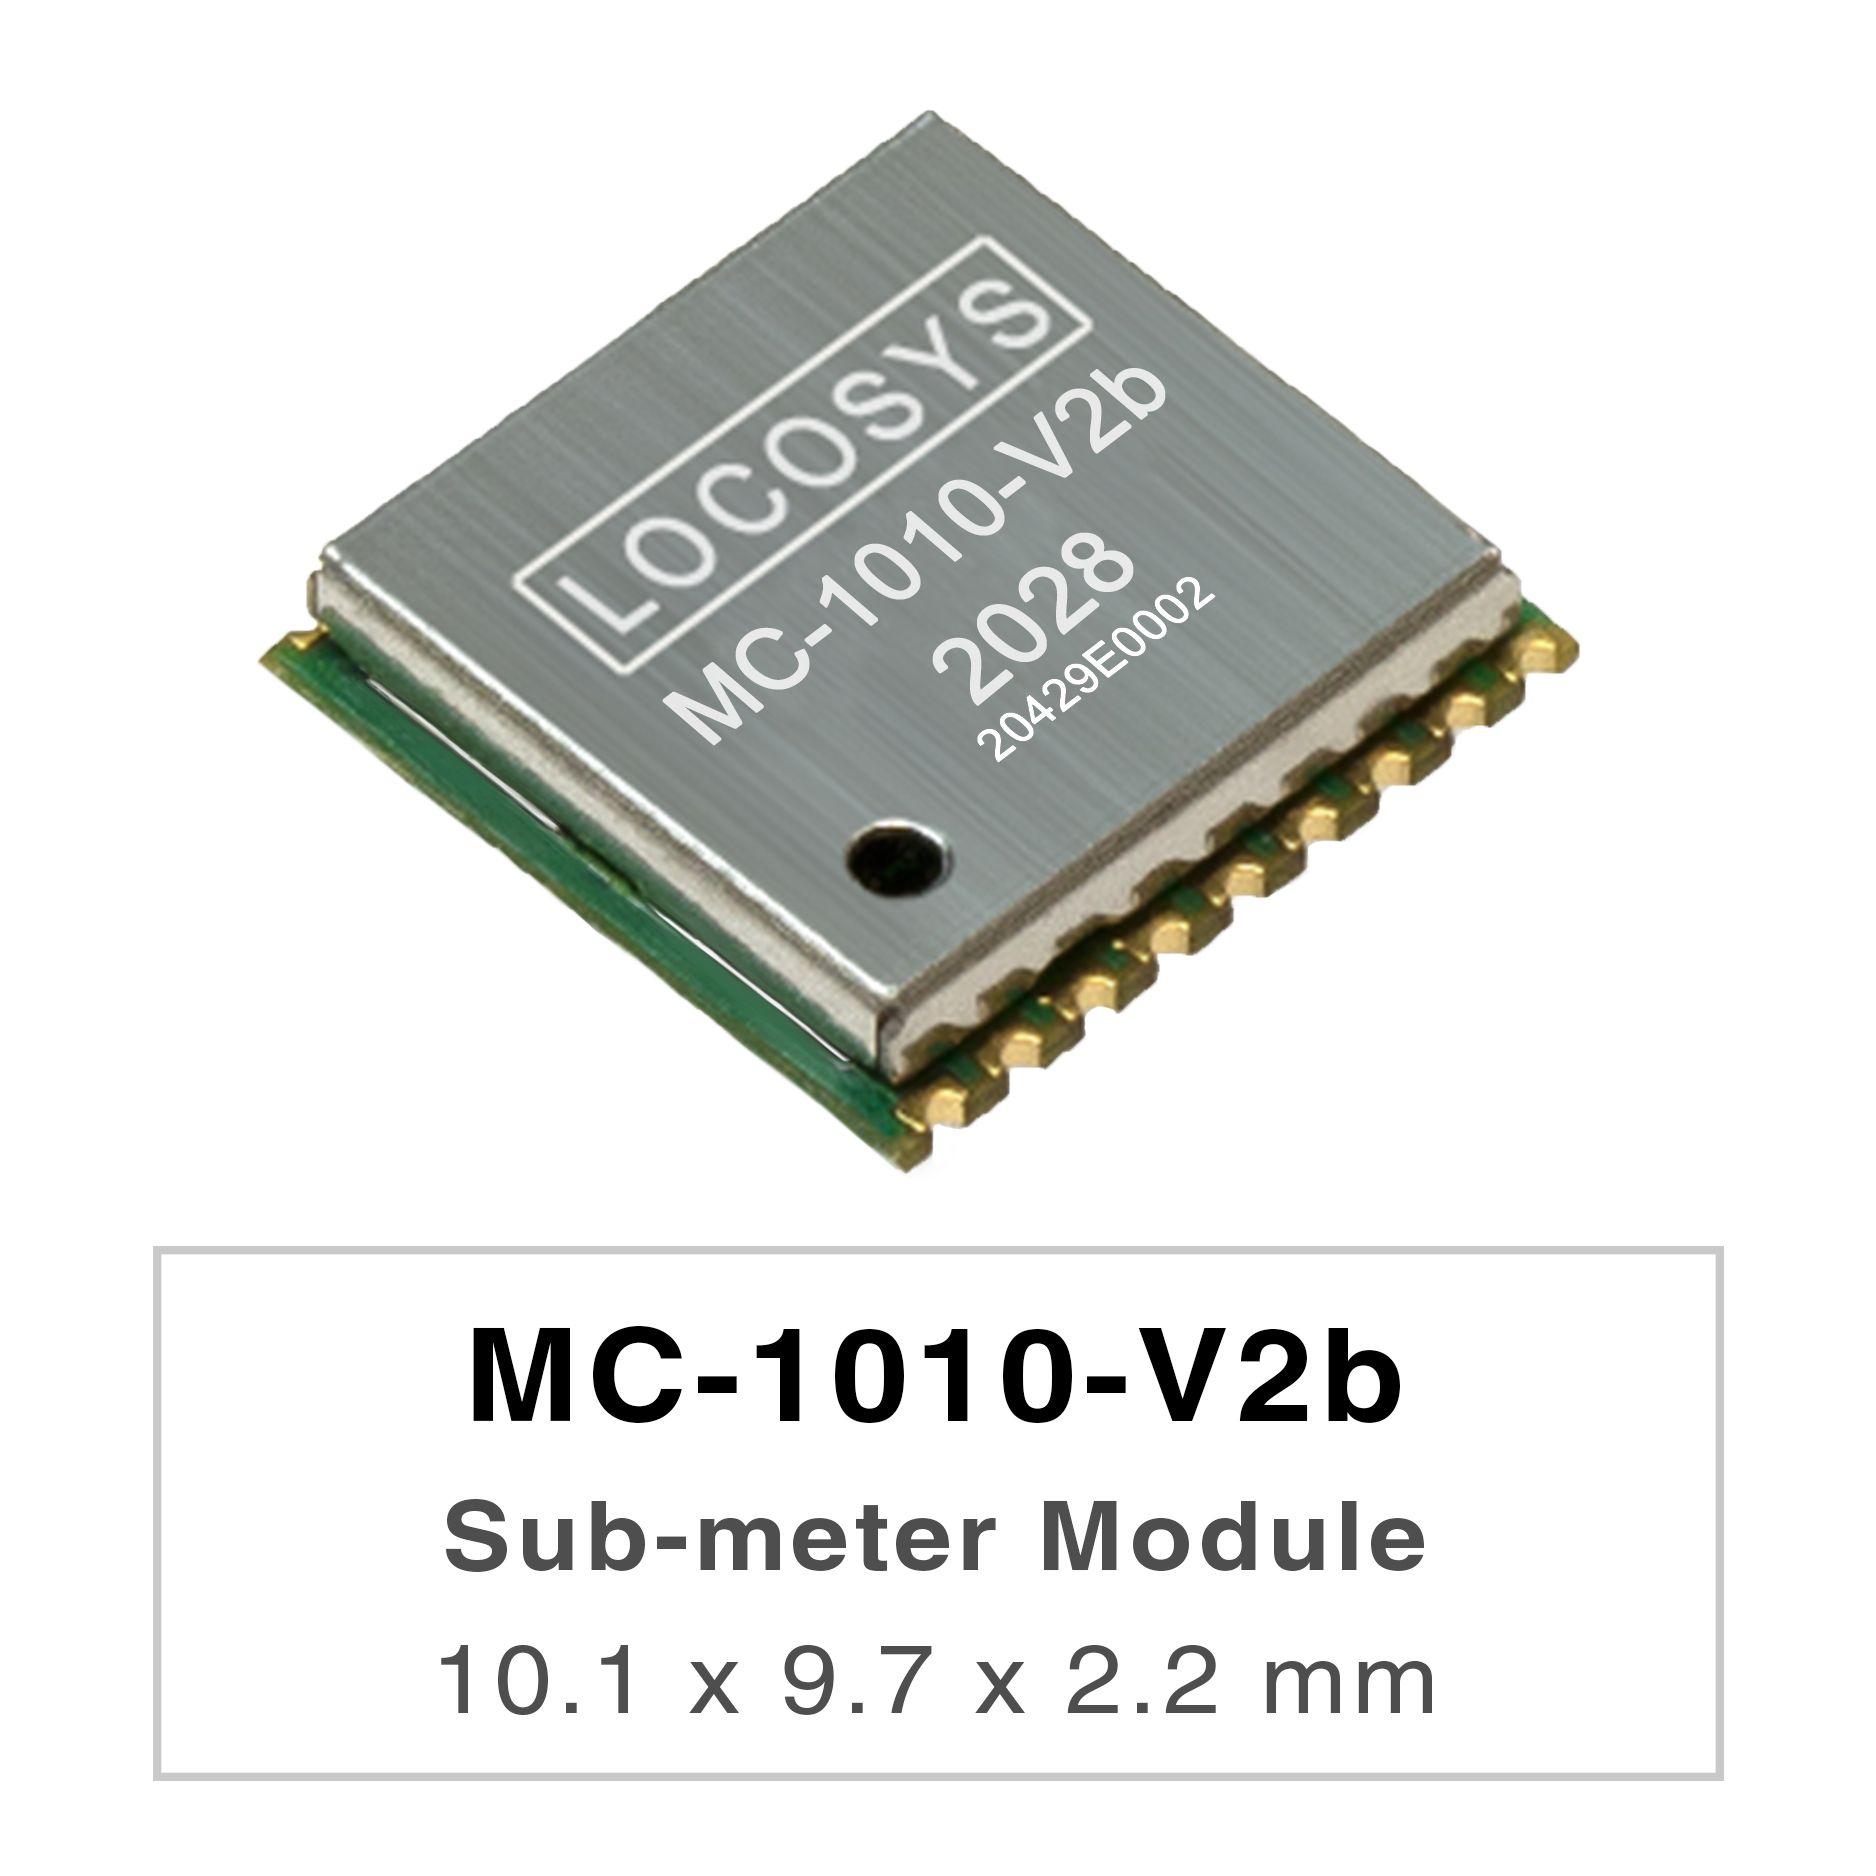 La serie LOCOSYS MC-1010-Vxx son módulos de posicionamiento GNSS de banda dual de alto rendimiento que son <br />capaces de rastrear todos los sistemas de navegación civil globales. Adoptan un proceso de 12 nm e integran una <br />arquitectura de administración de energía eficiente para lograr un bajo consumo de energía y una alta sensibilidad.